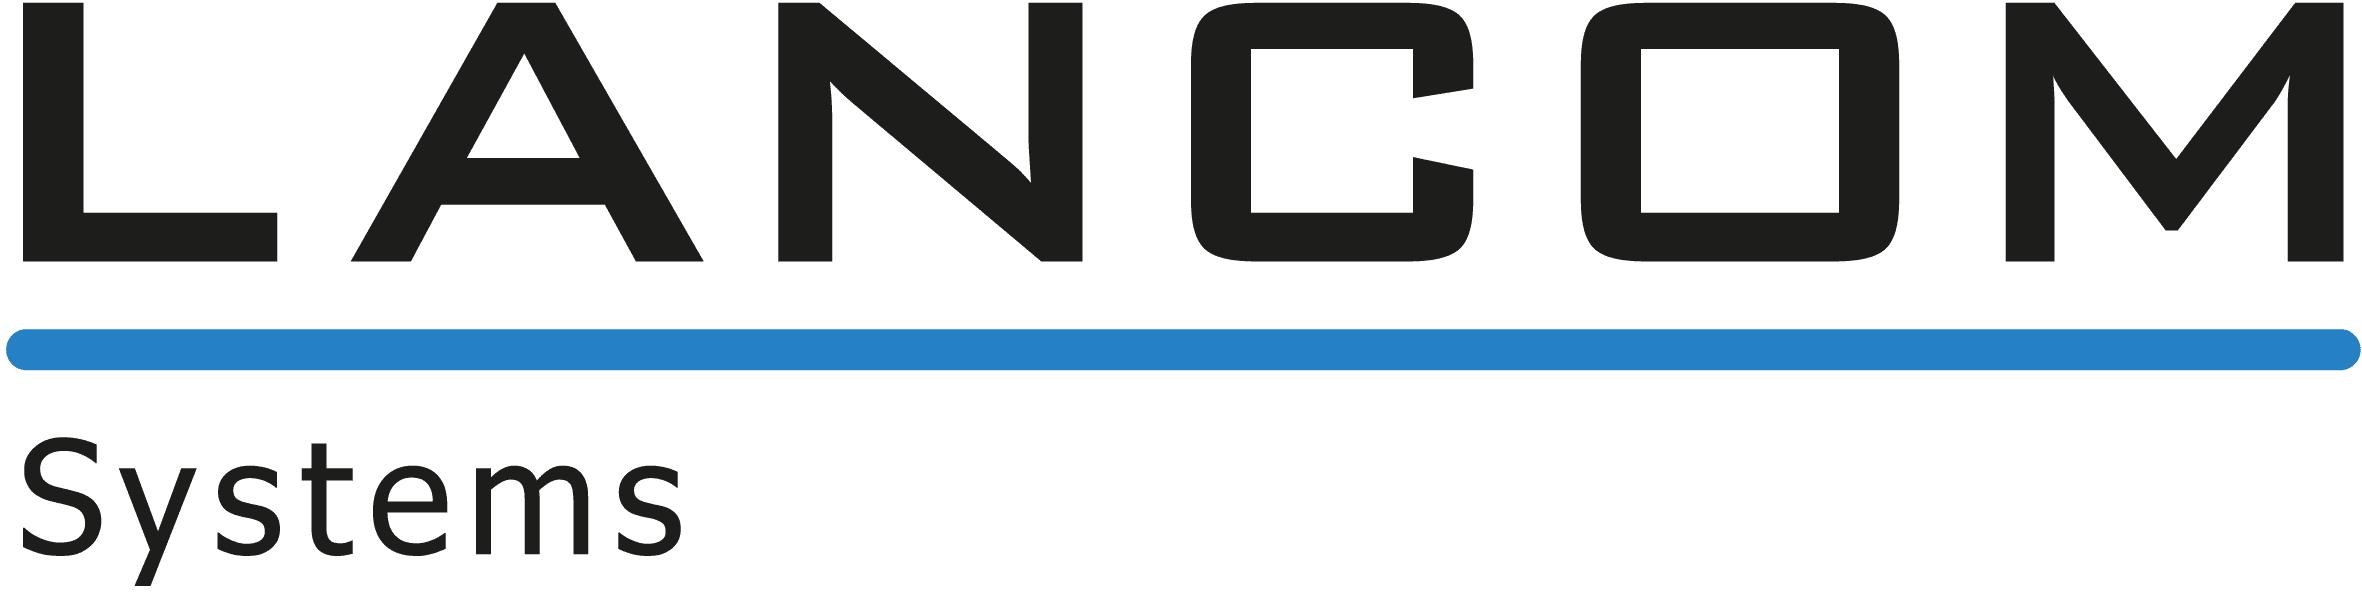 Lancom introducerer Biometrisk login